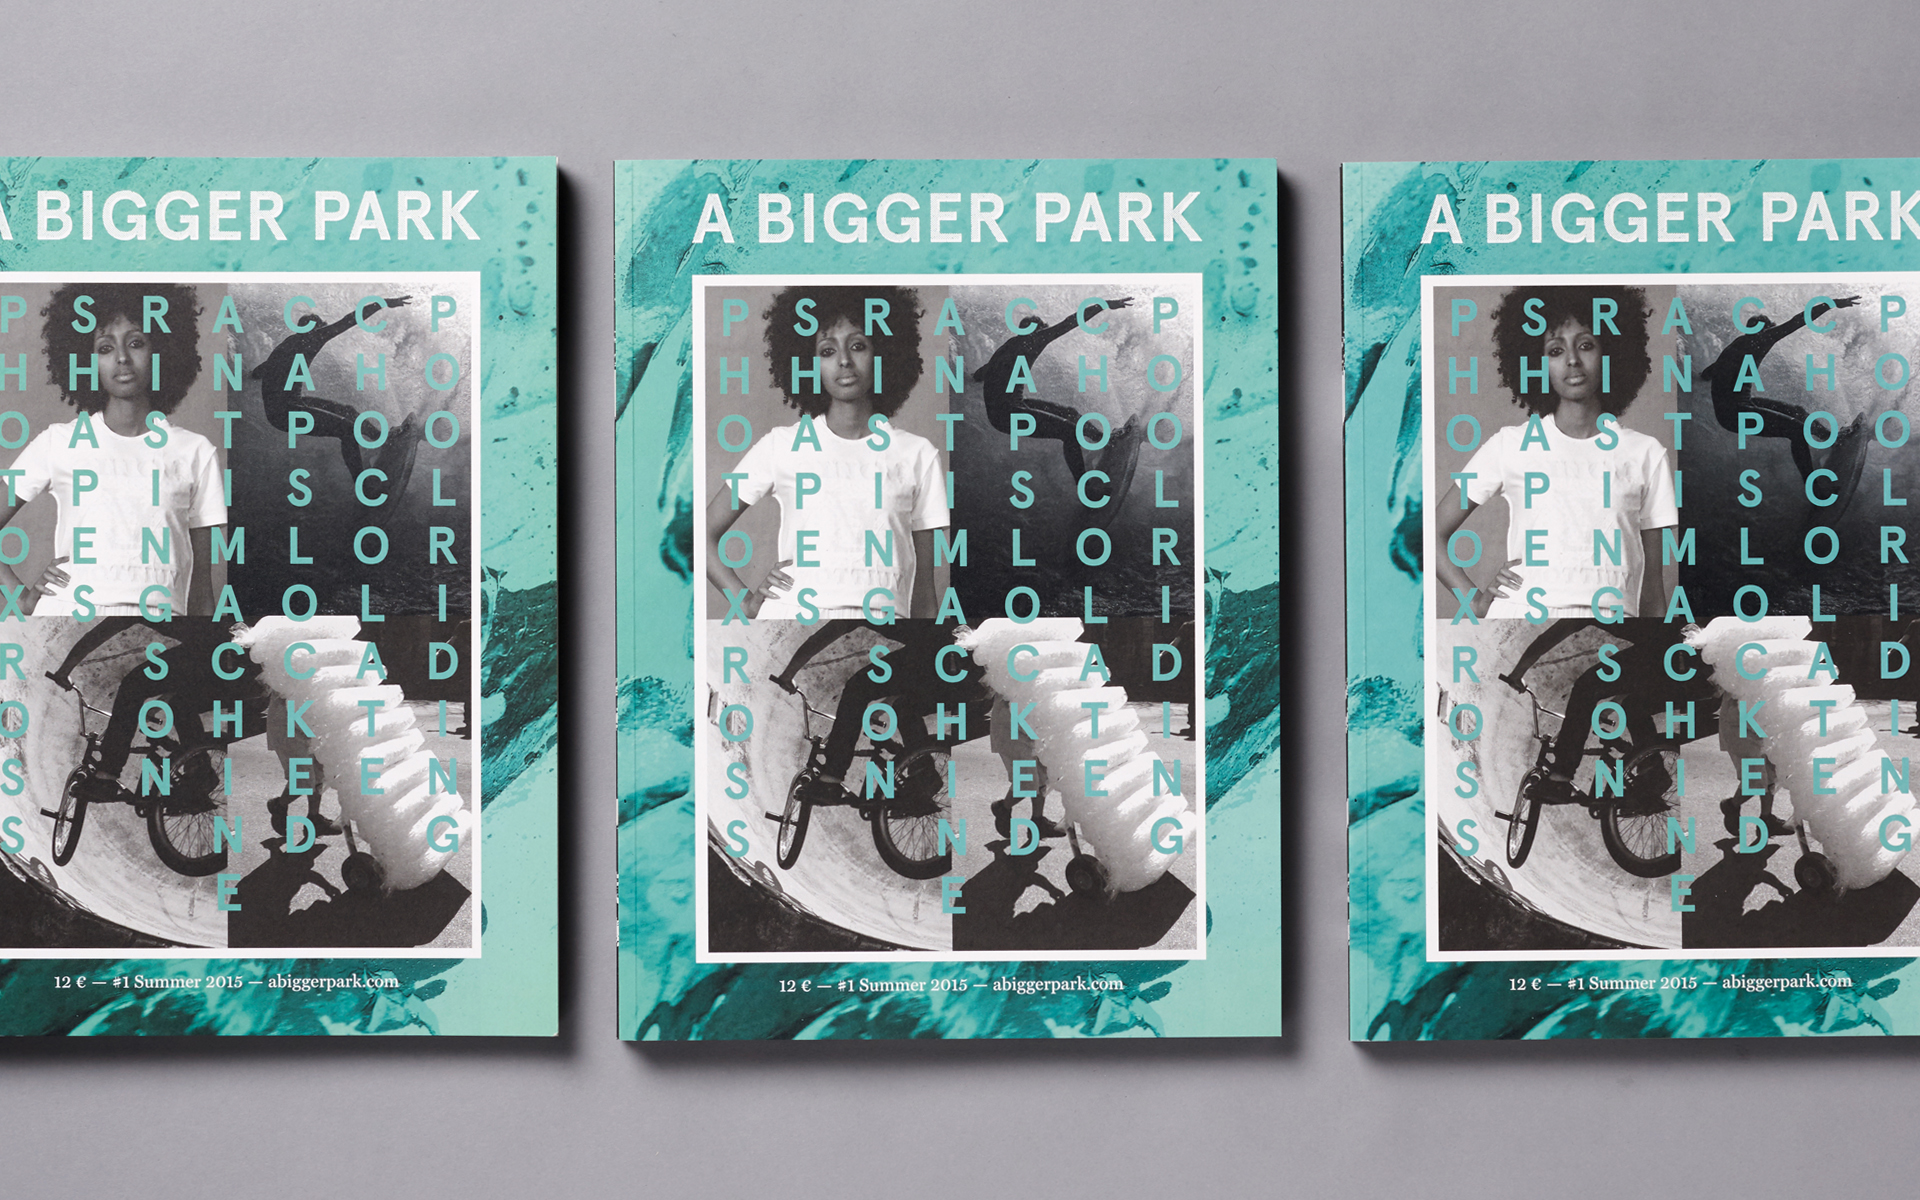 A Bigger Park #1 (foto: C100 studio)